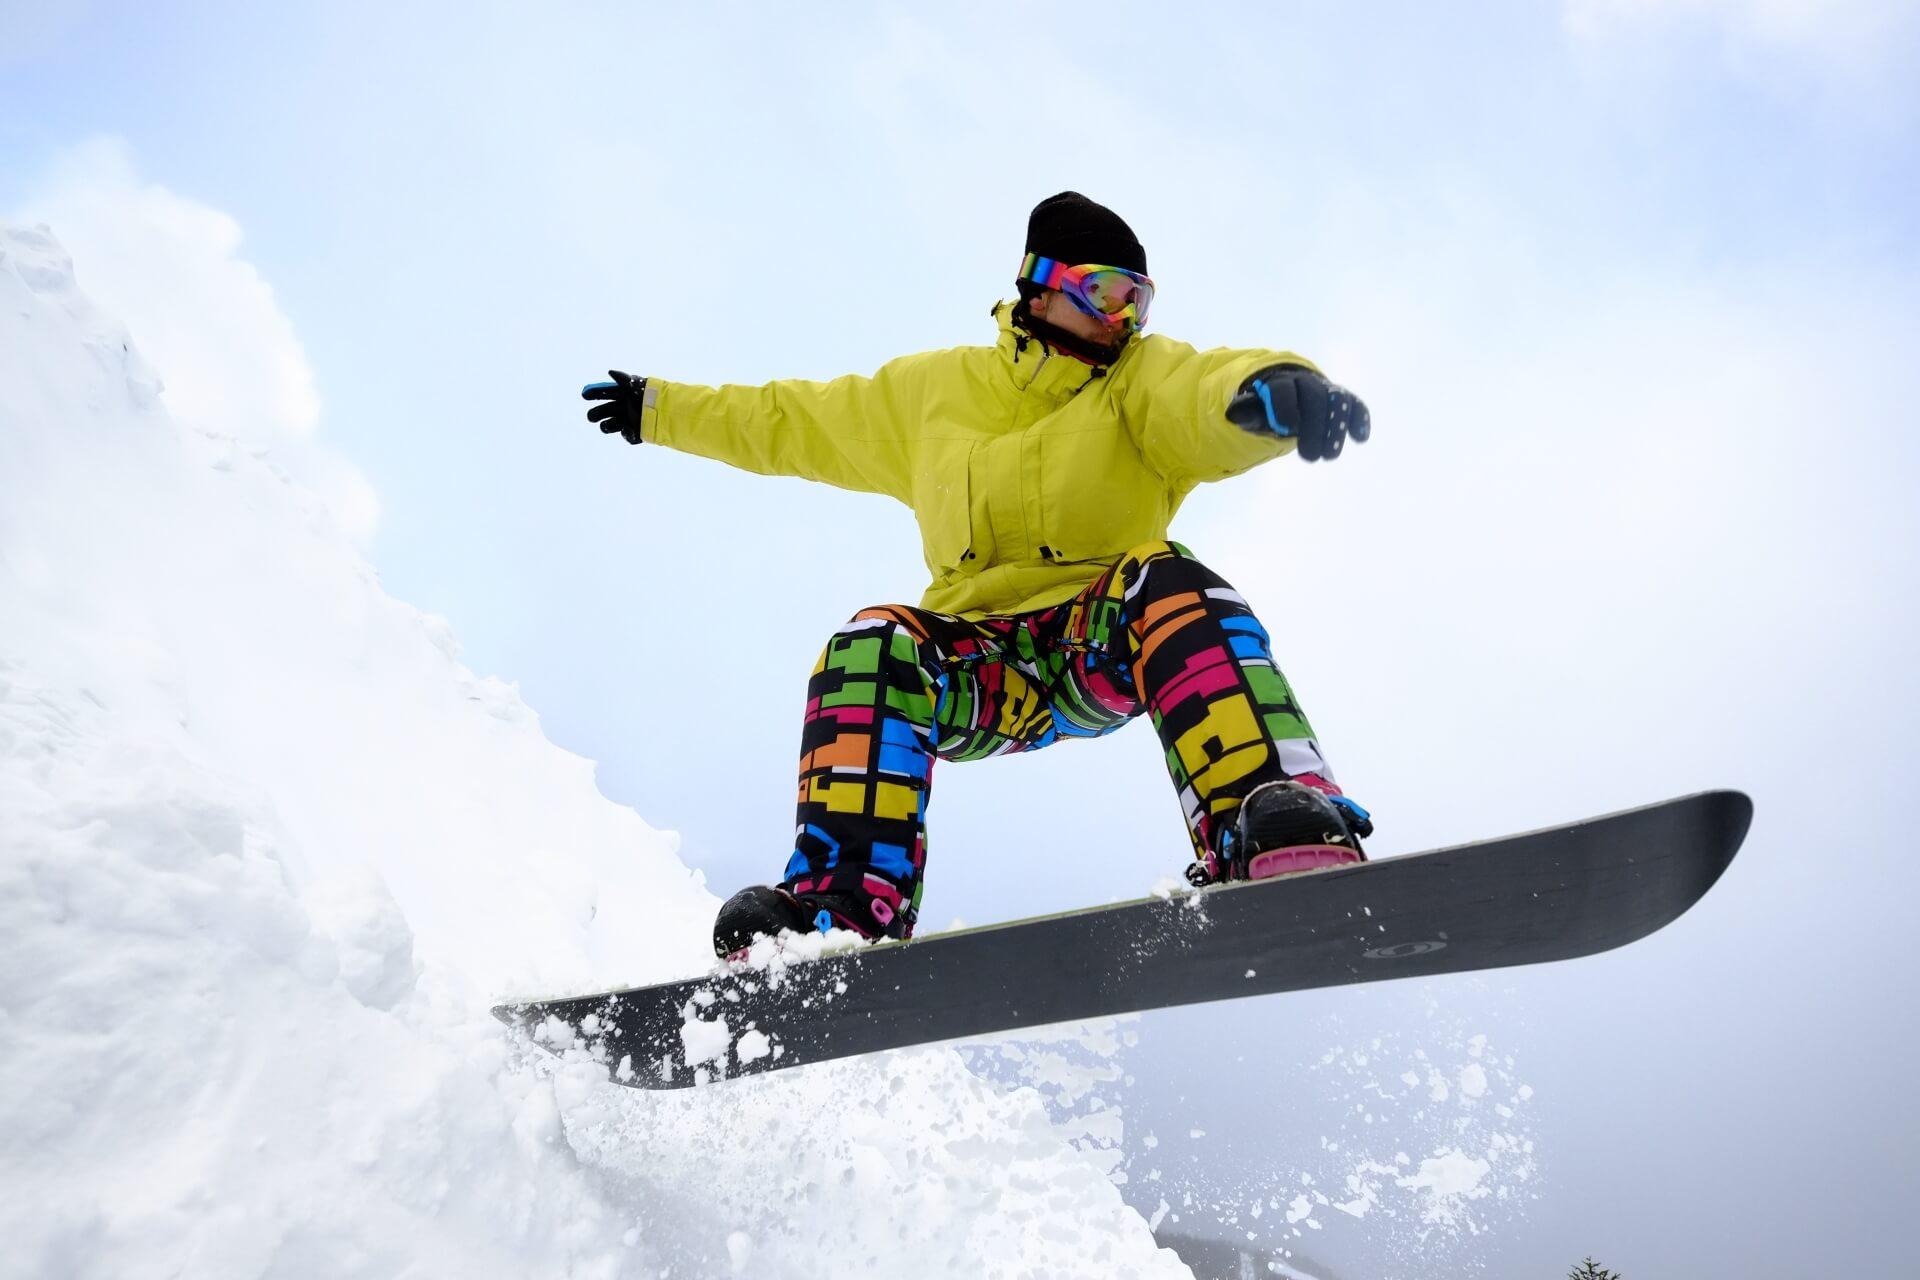 用途別に解説!スノーボードケースの種類と選び方